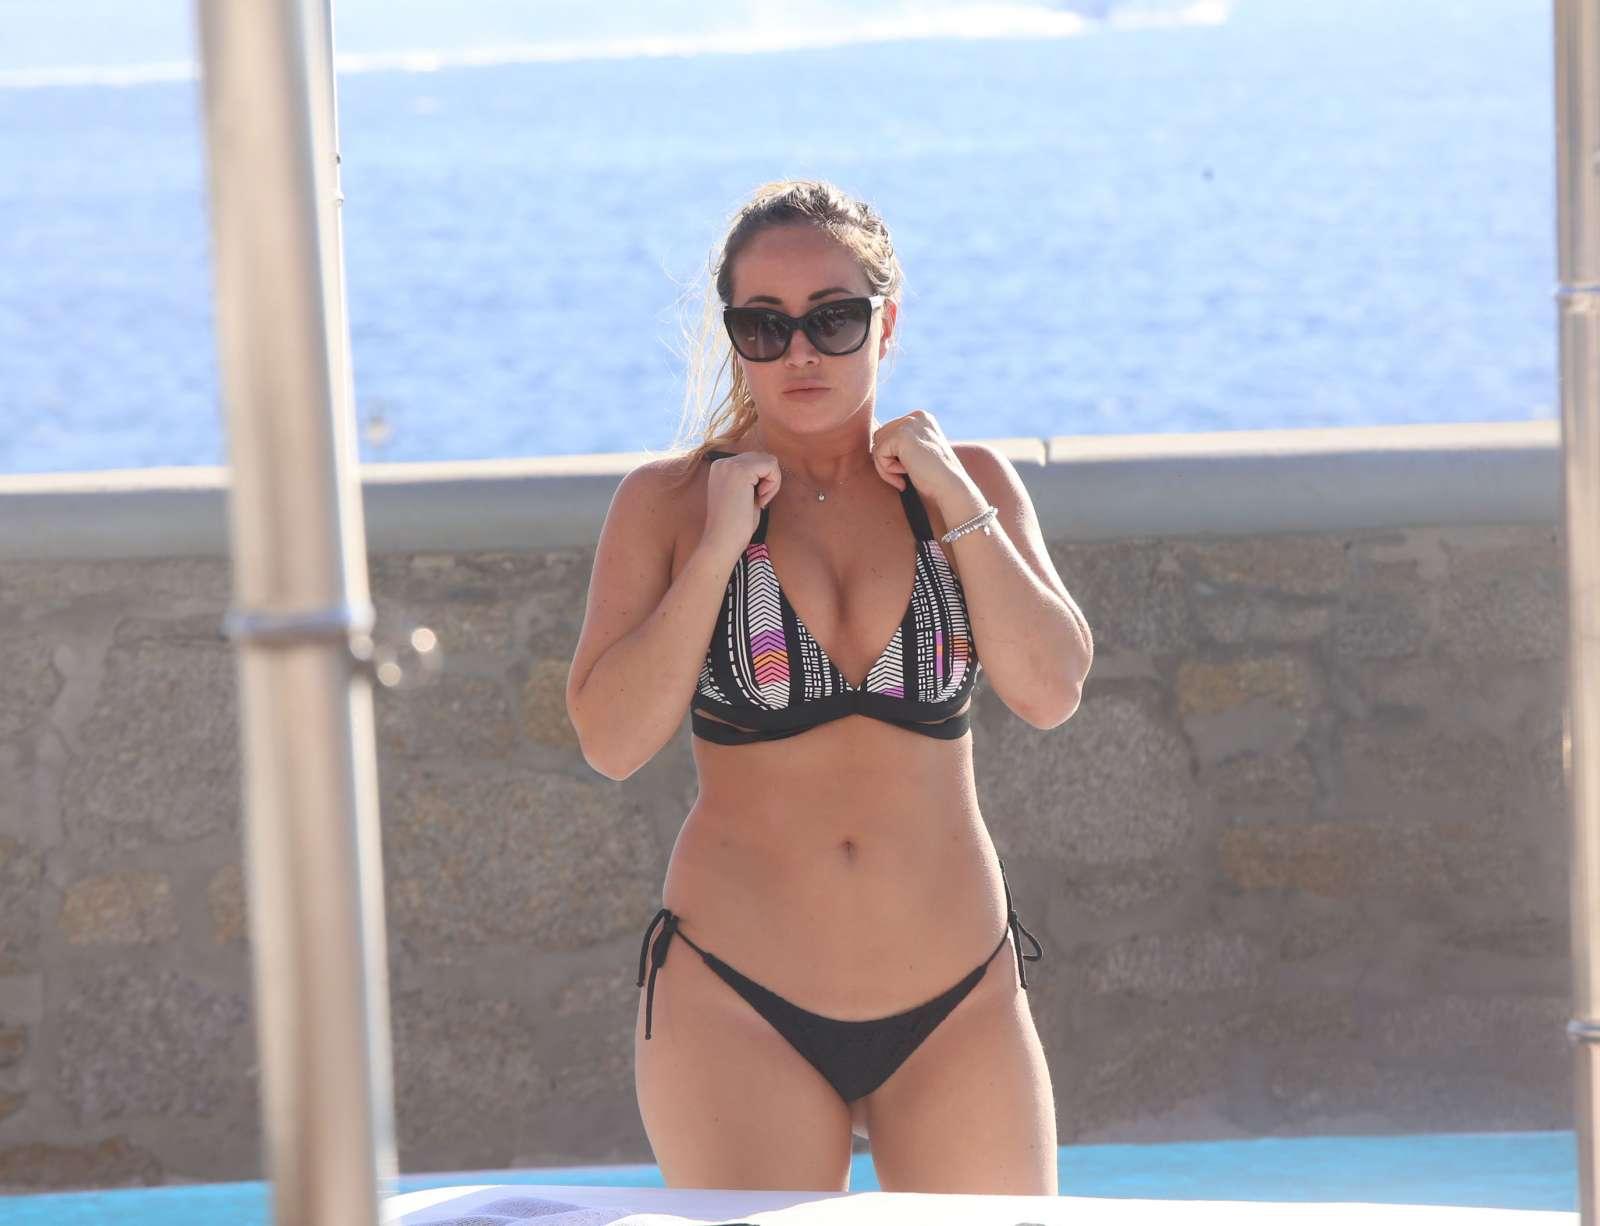 Bikini Lauryn Goodman naked (34 photo), Ass, Hot, Boobs, in bikini 2017